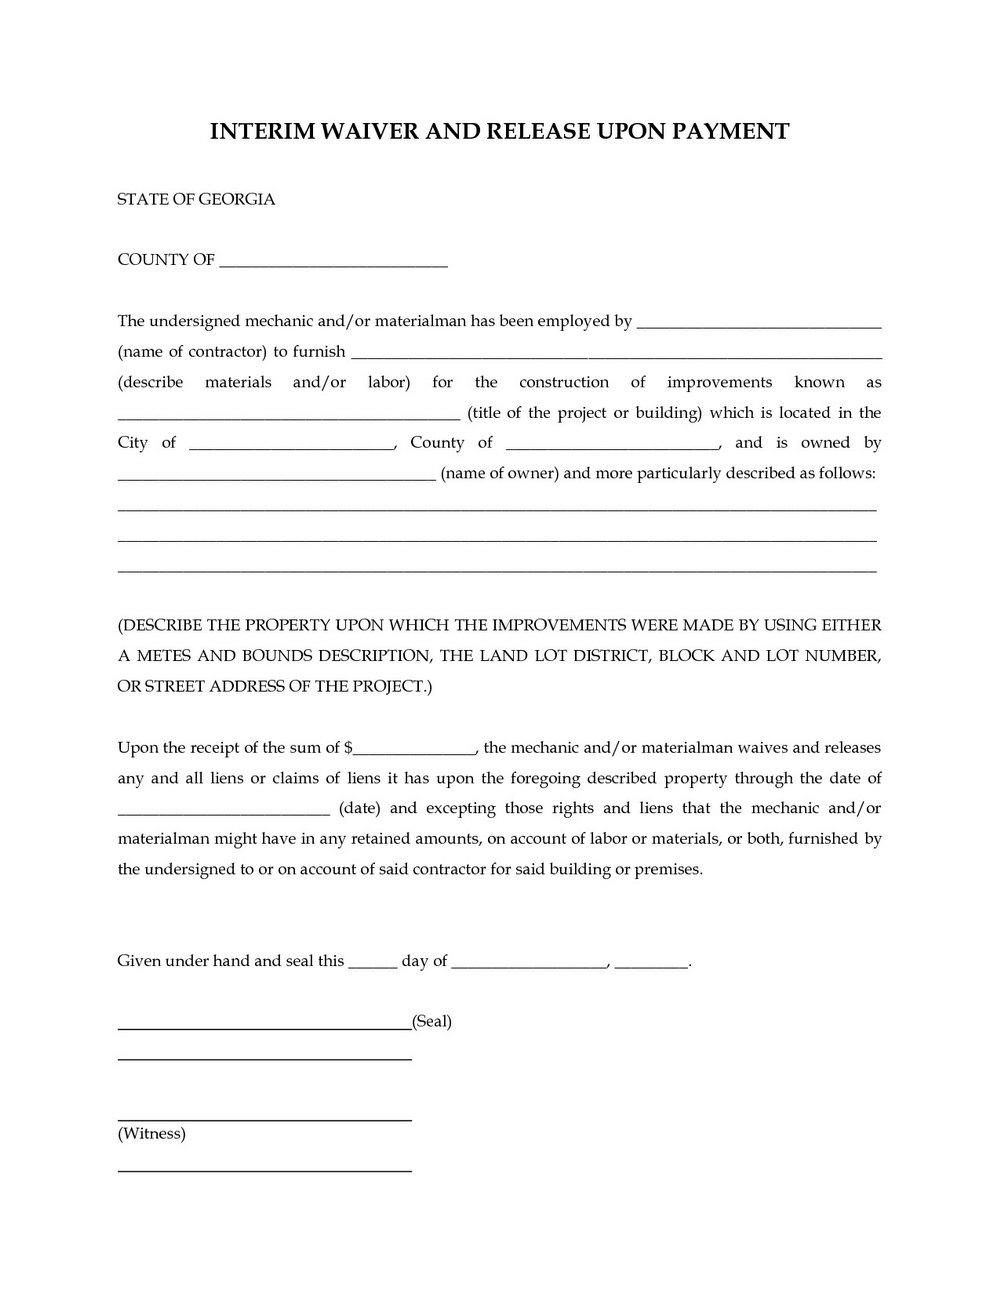 Lien Holder Release Form Ga